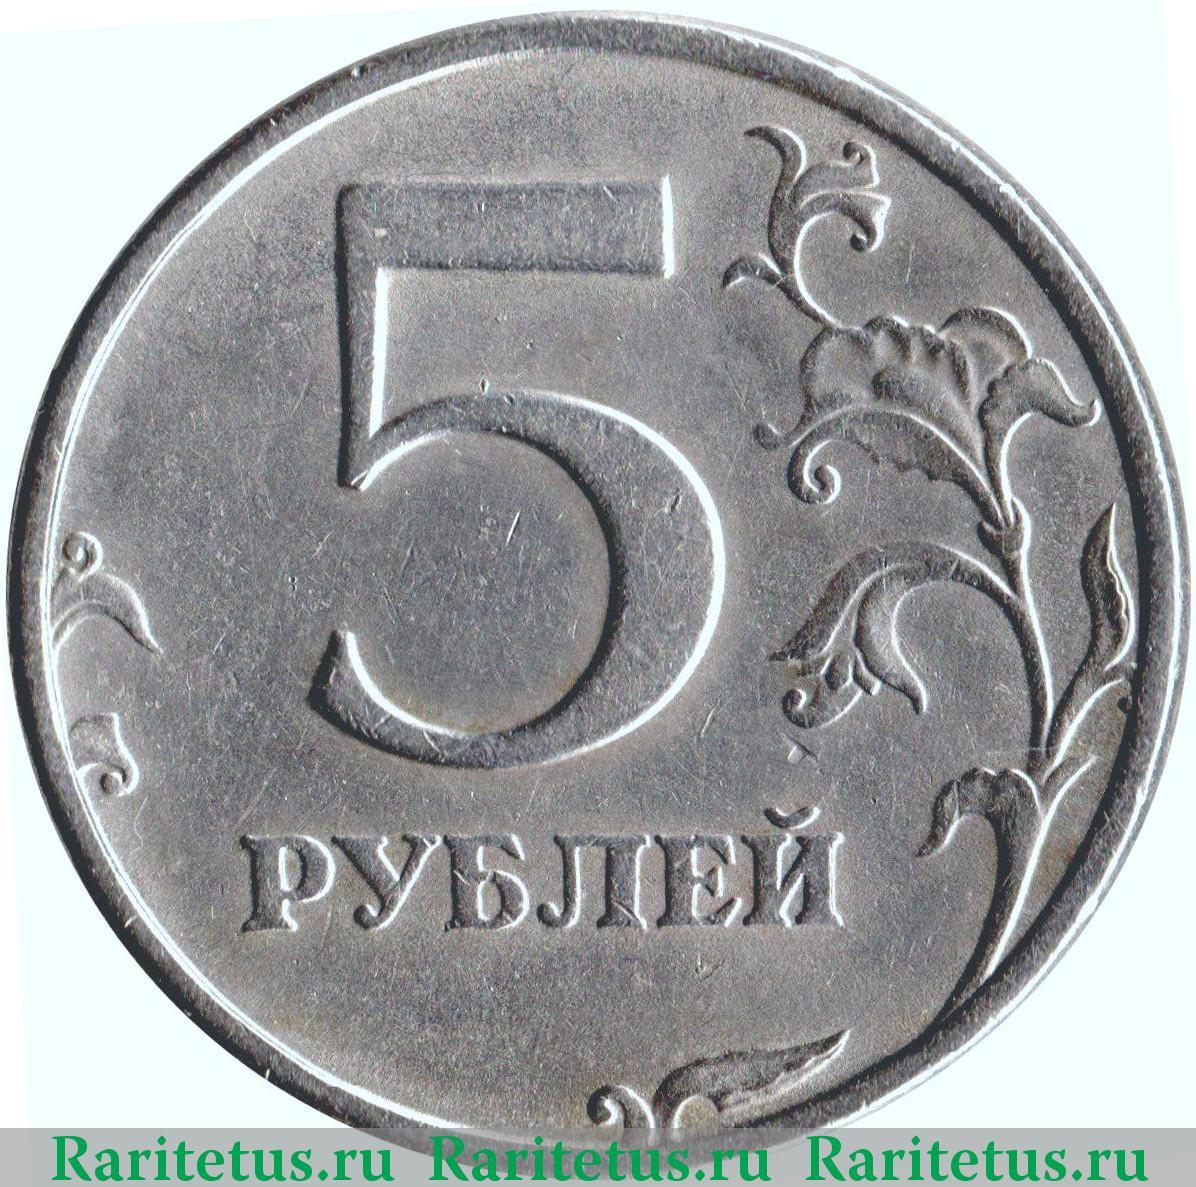 Сколько стоит пятирублевая монета 1998 года франк мюллер 1932